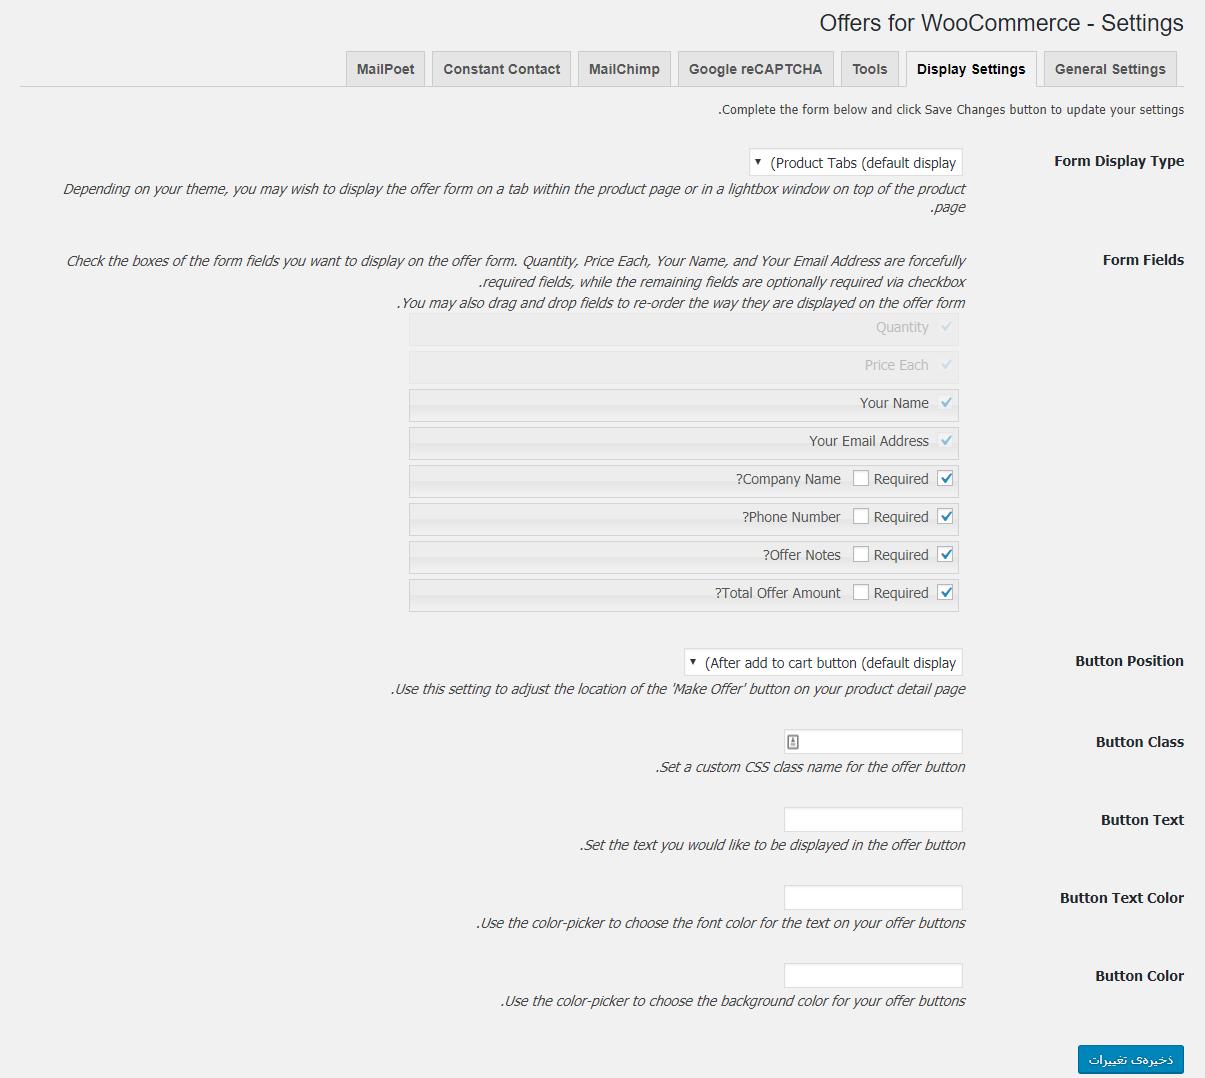 پیشنهاد قیمت برای محصولات در ووکامرس با افزونه Offers for WooCommerce